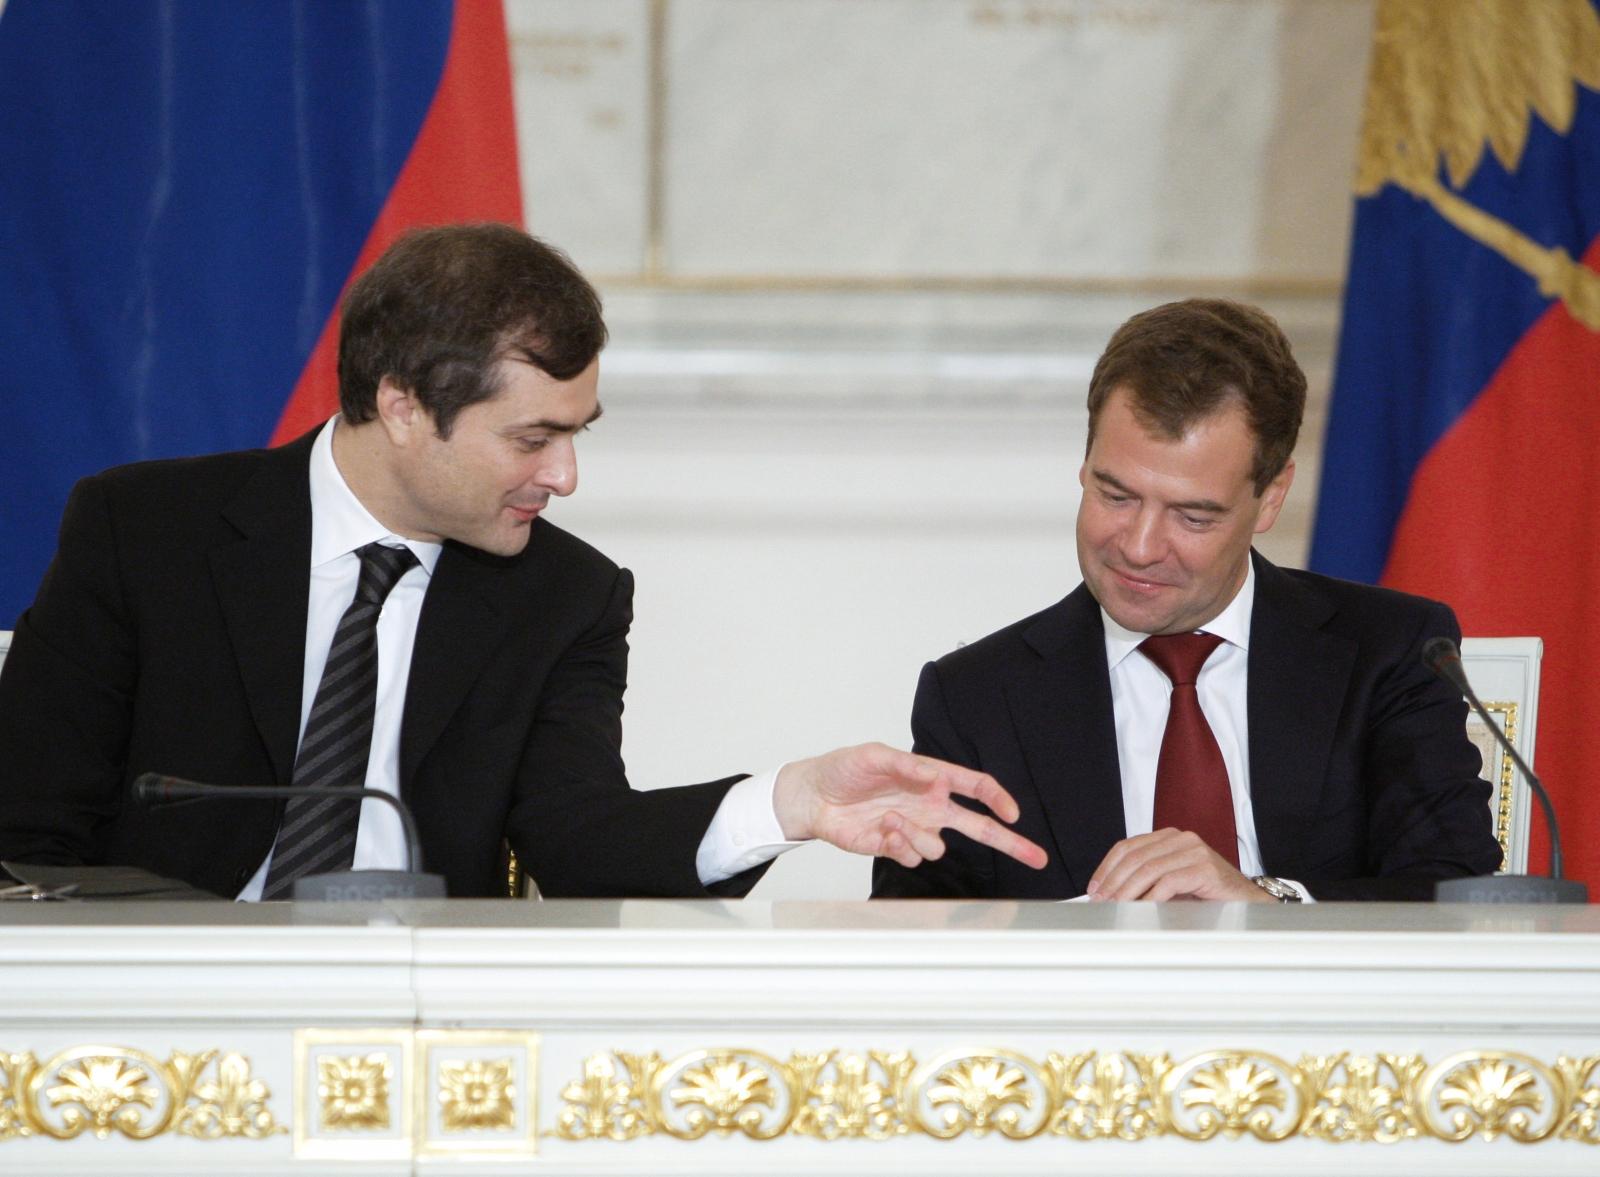 Surkov and Medvedev